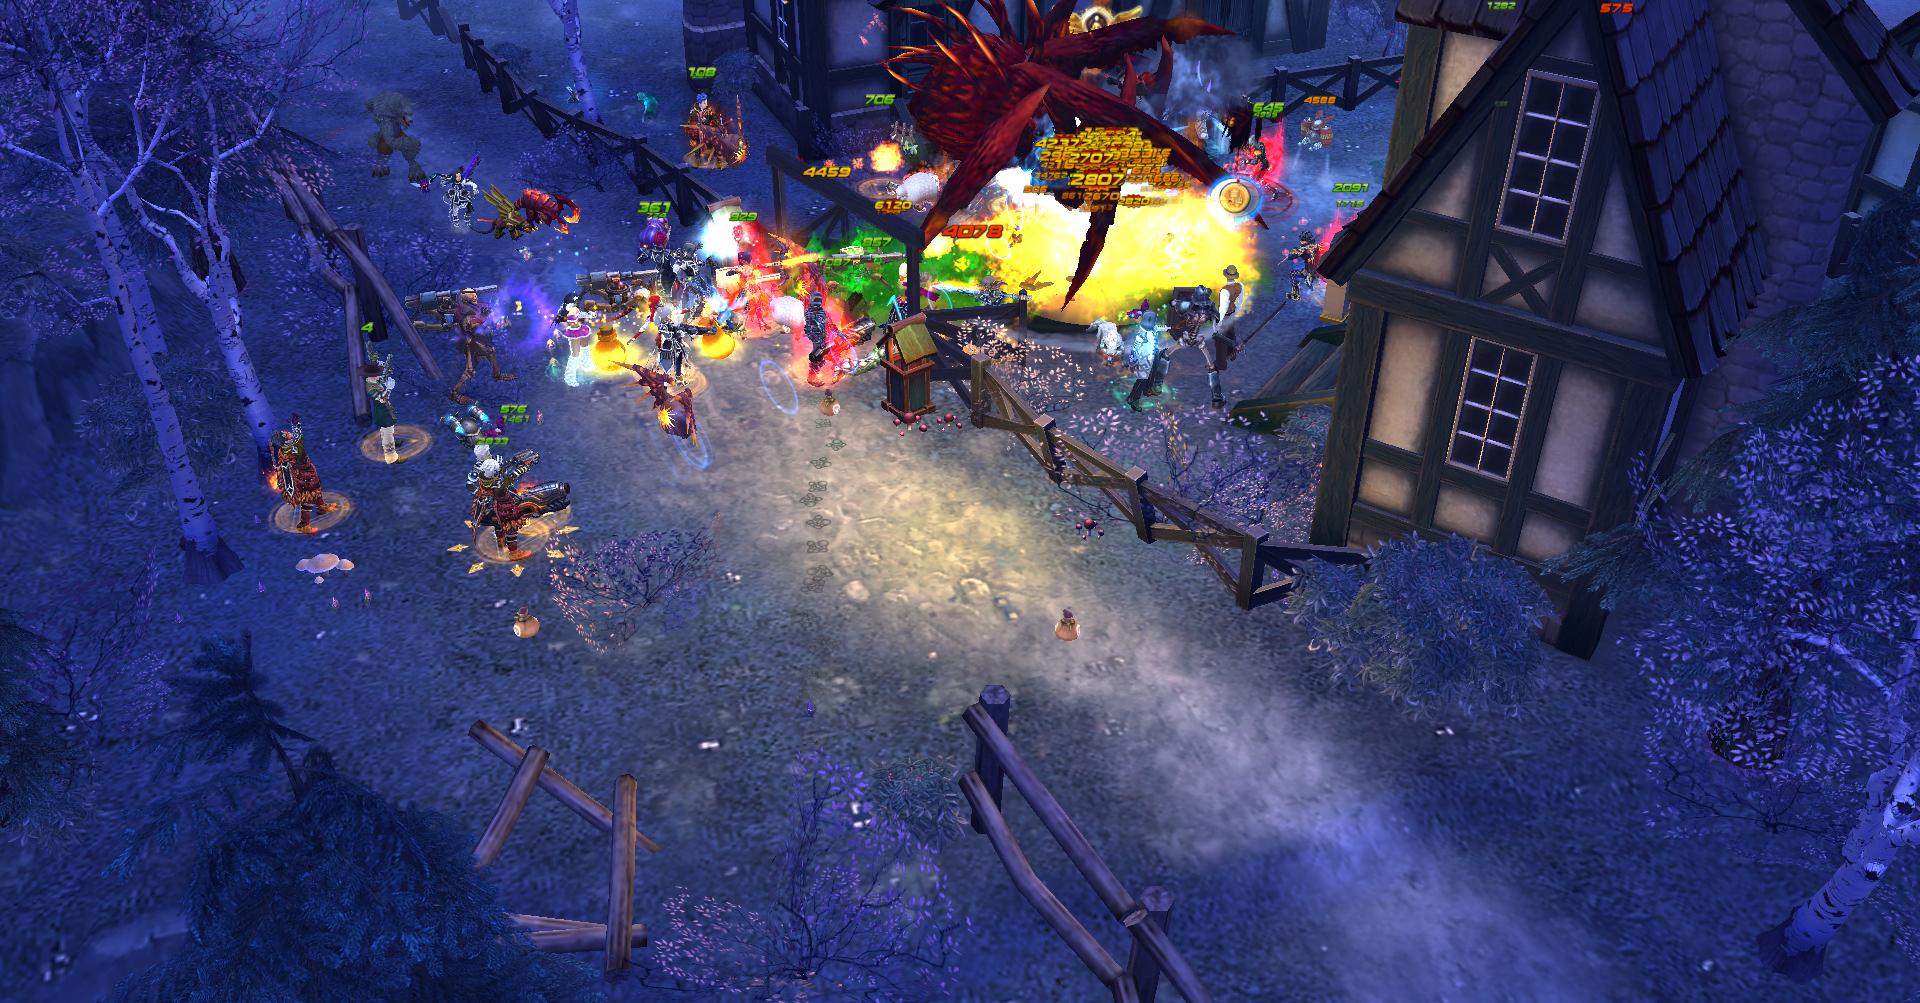 screen-200719-003.jpg